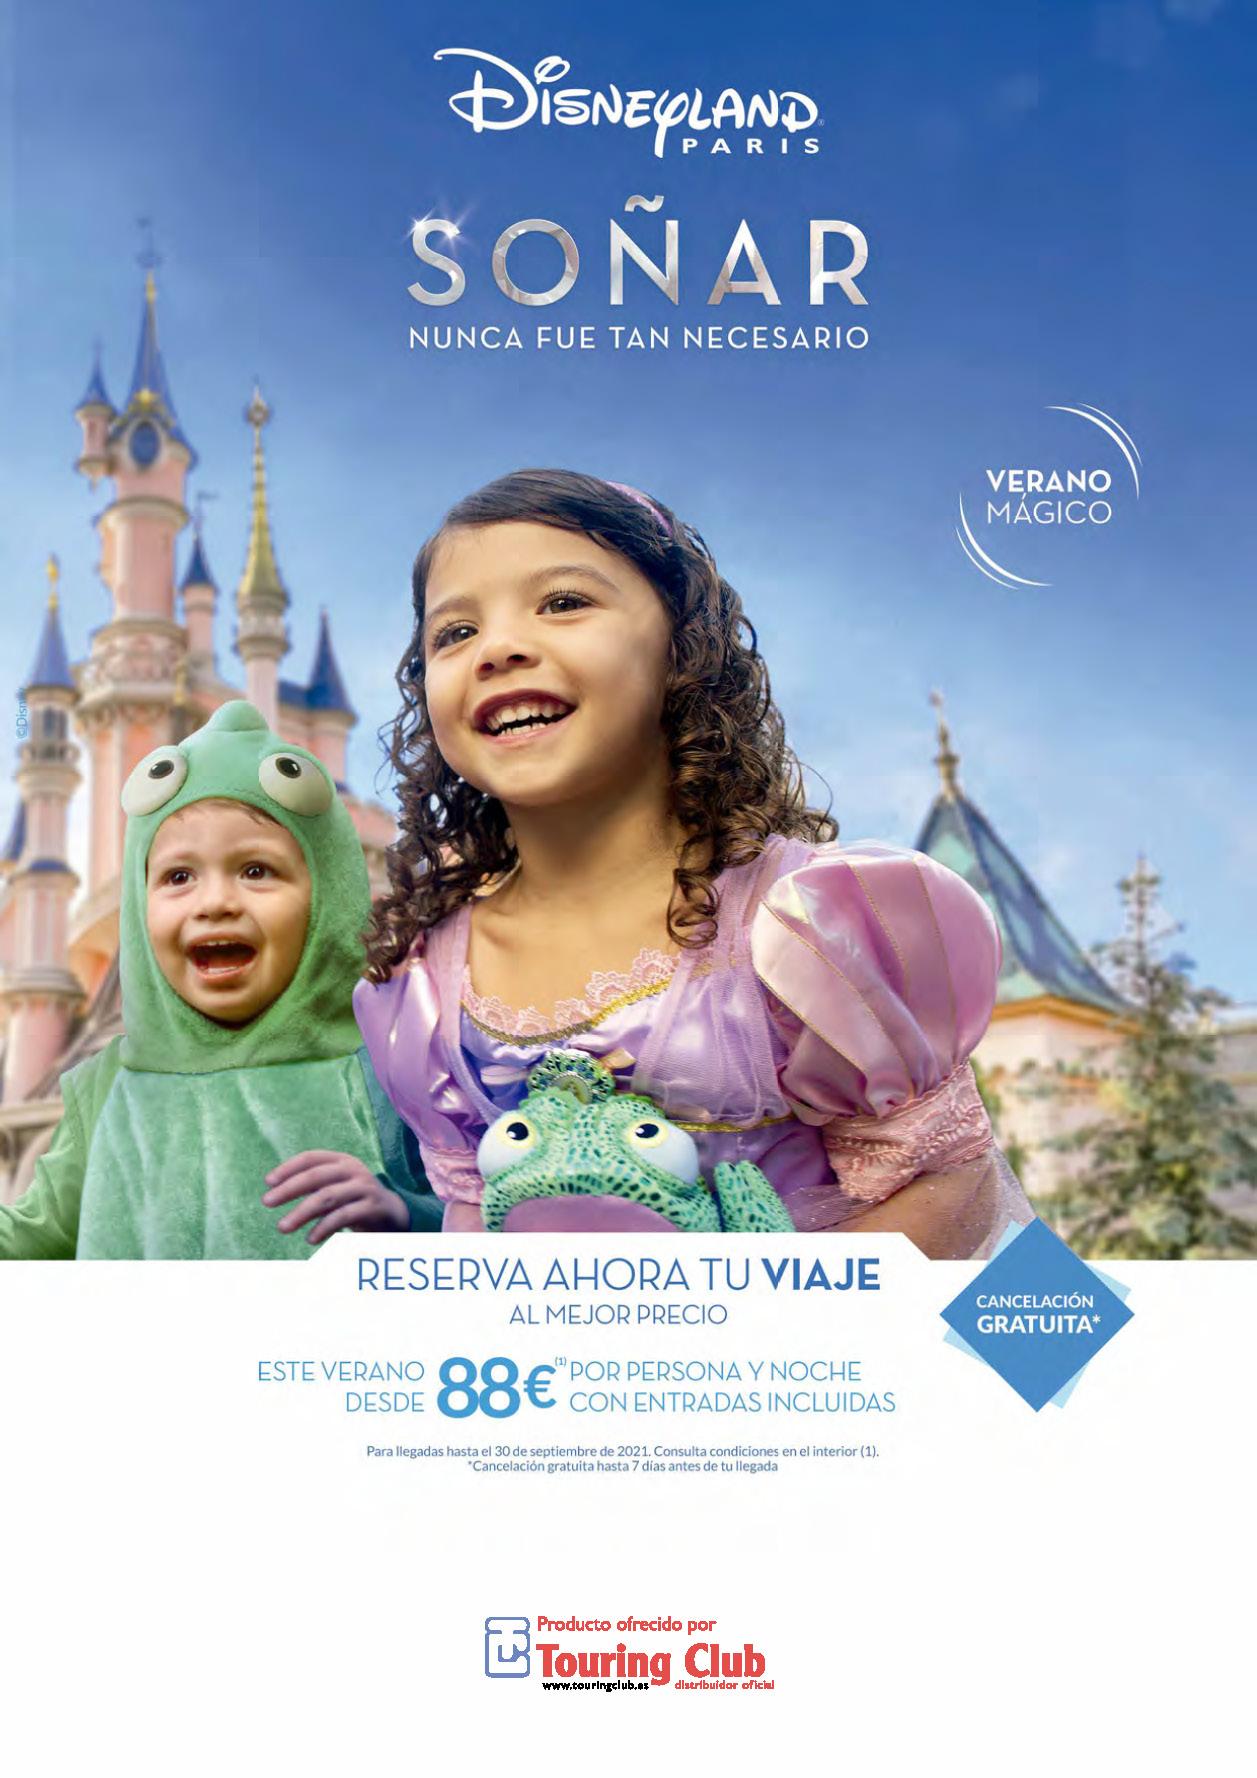 Cuadriptico Touring Club Disneyland Paris Verano Magico 2021-2022